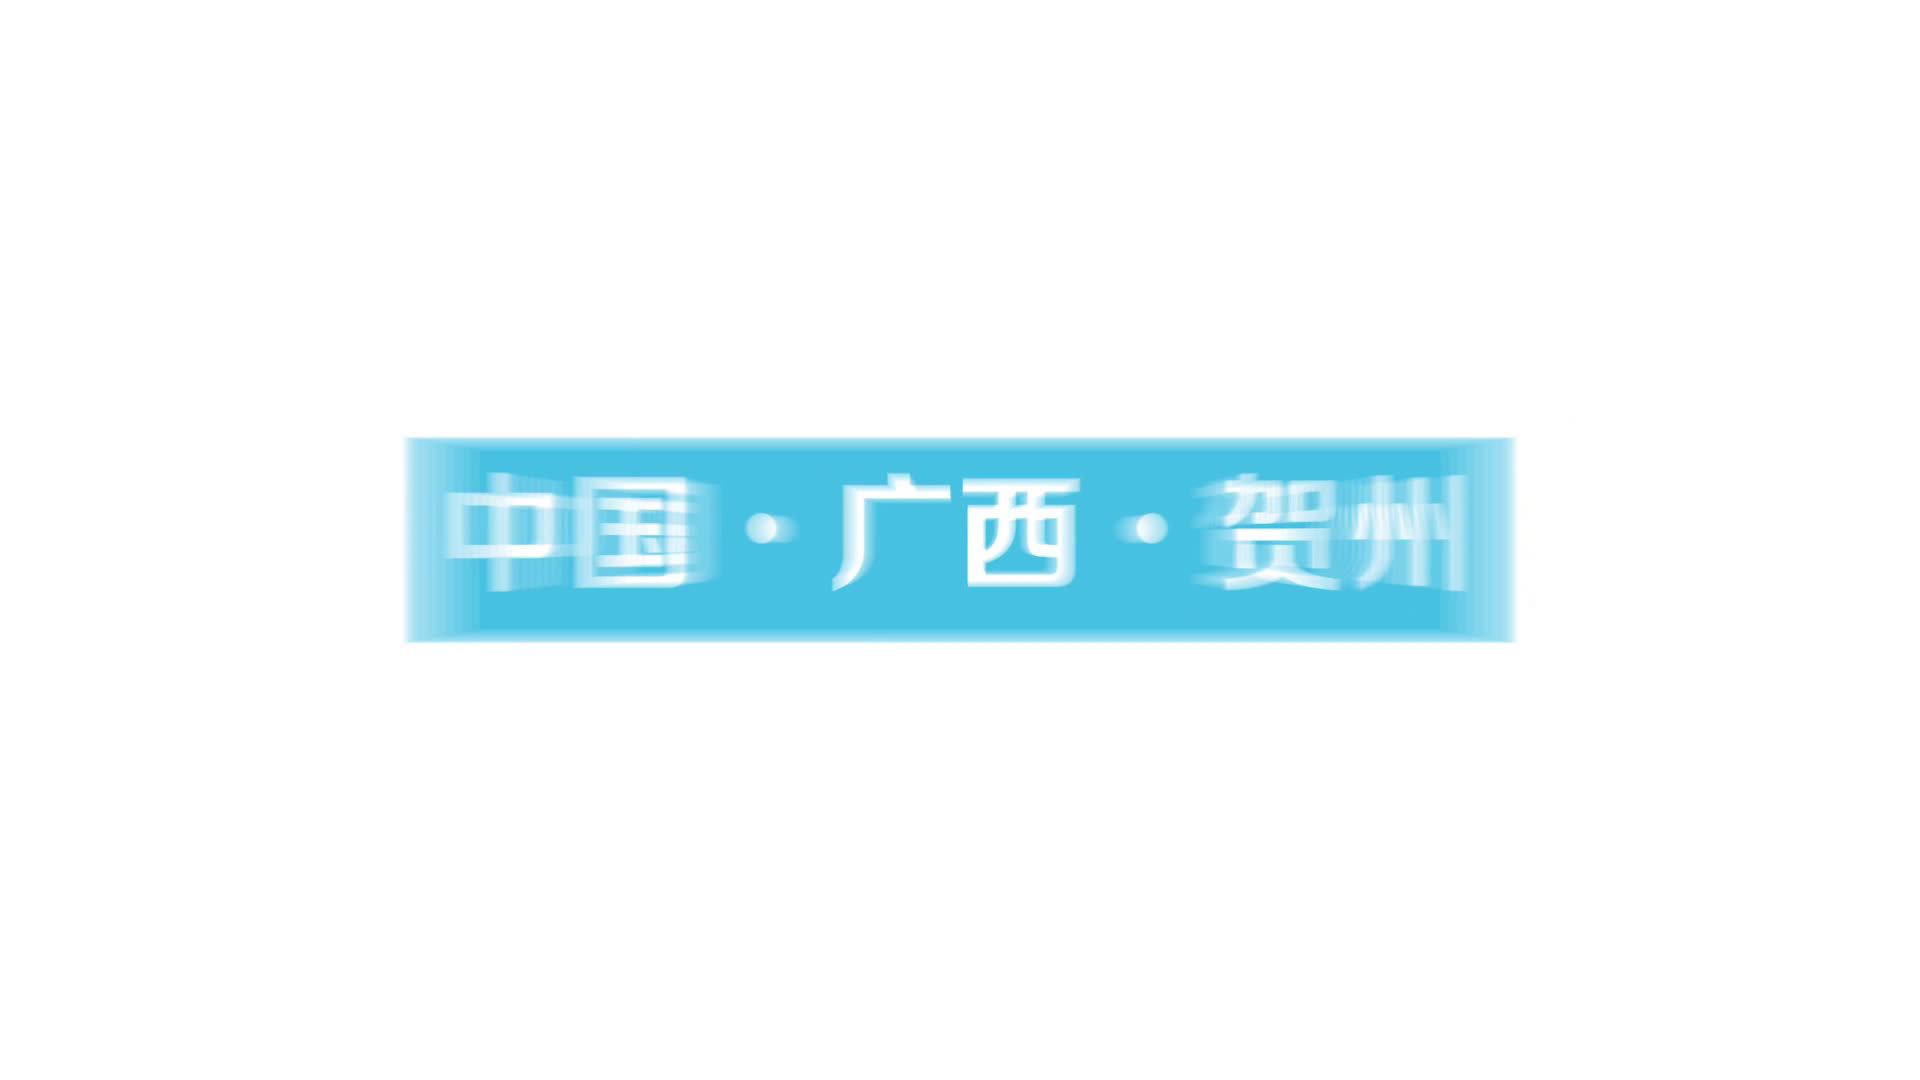 潘基文探访世界长寿市贺州的宣传片来啦!赶紧来看下潘基文说了啥~